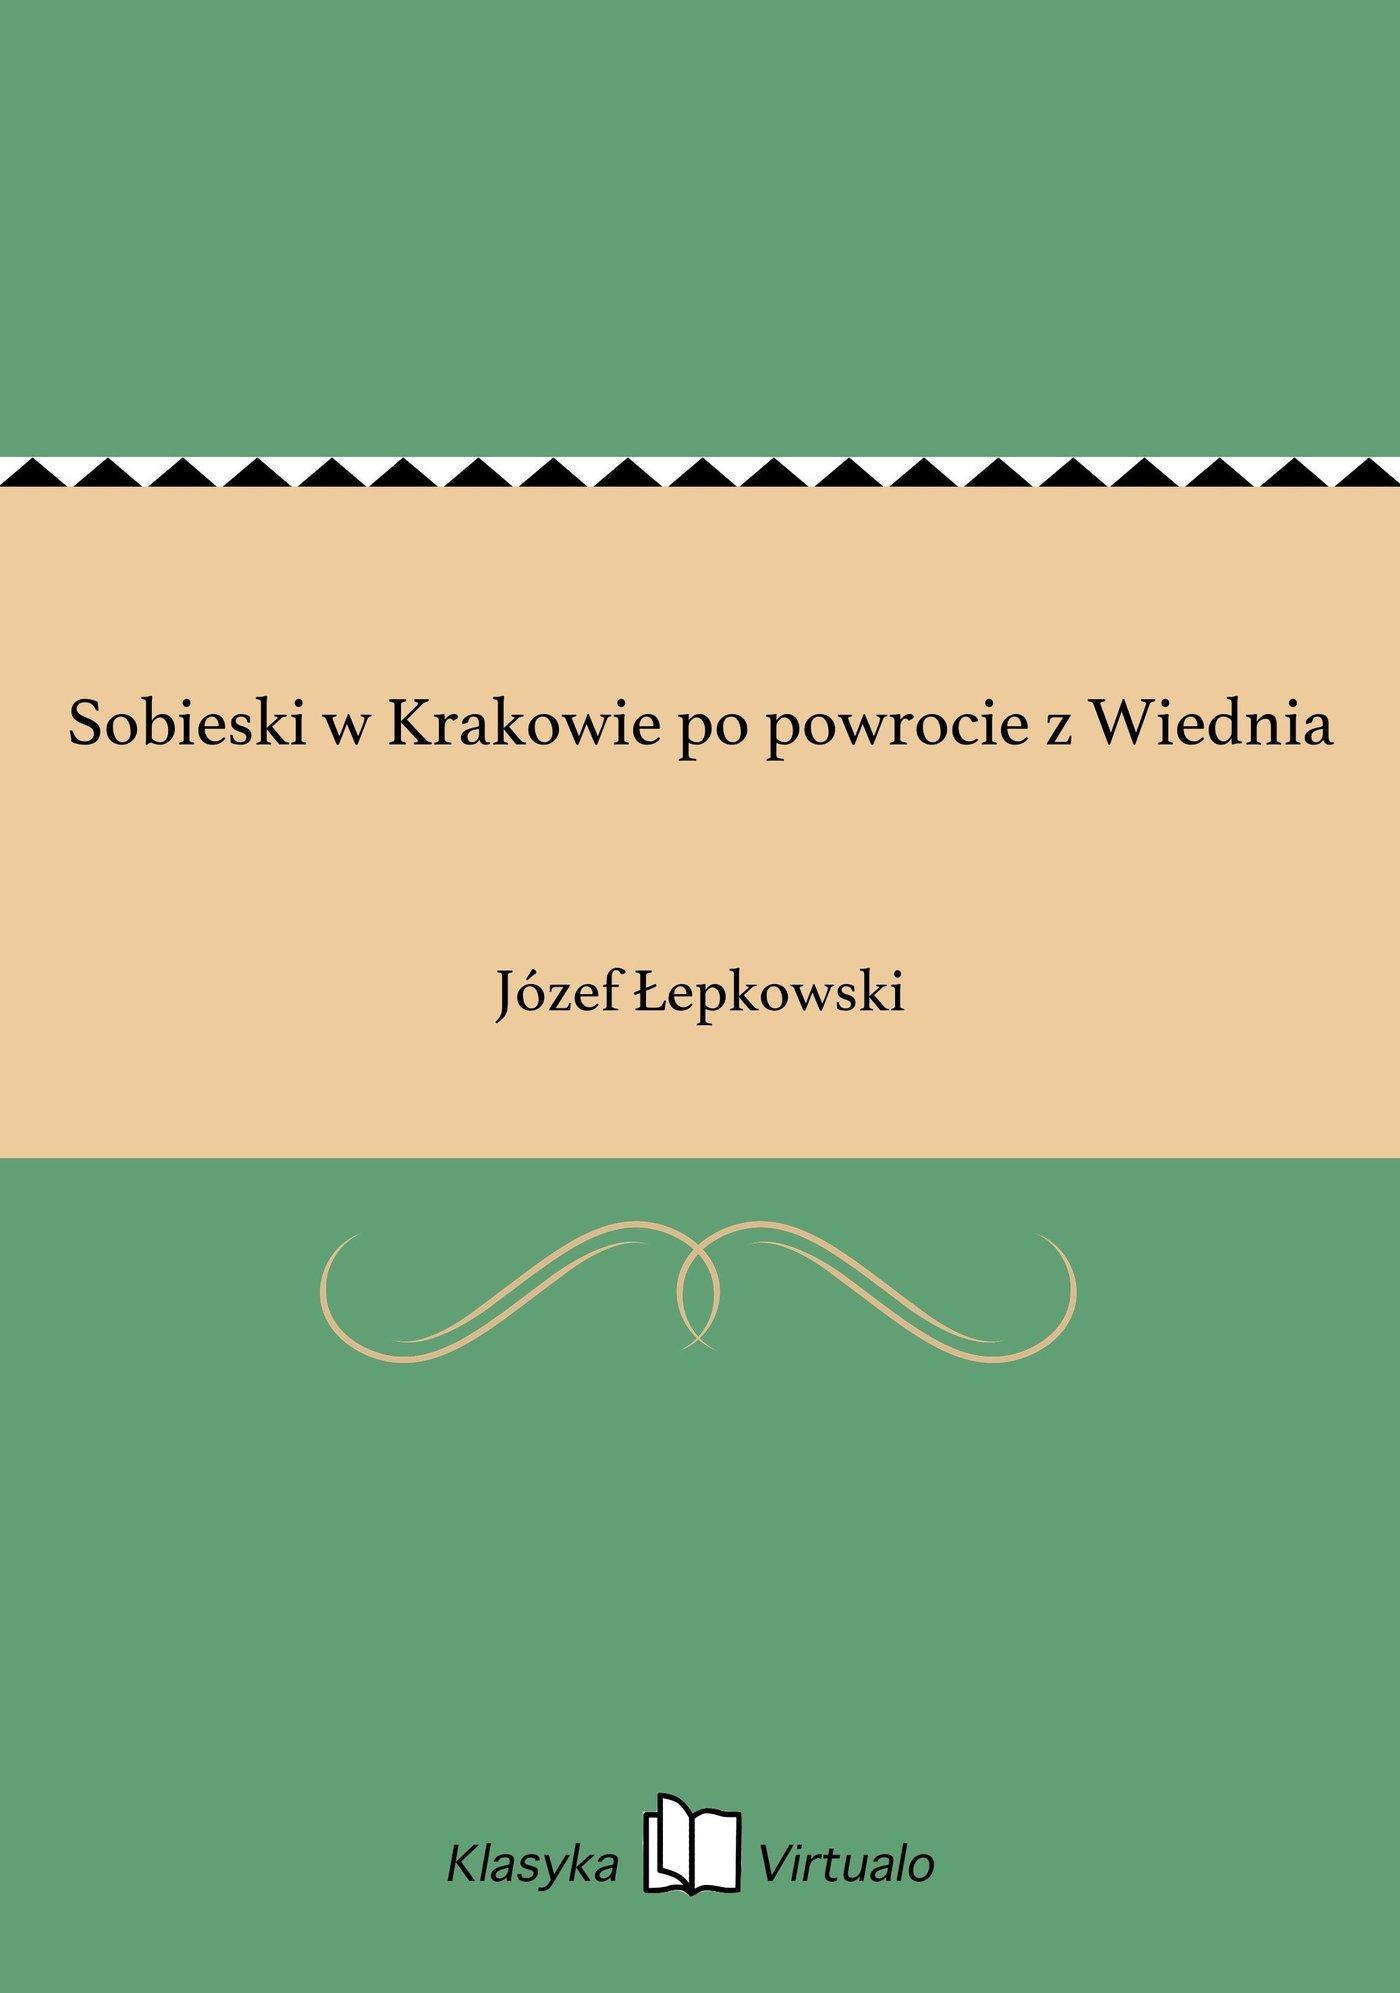 Sobieski w Krakowie po powrocie z Wiednia - Ebook (Książka na Kindle) do pobrania w formacie MOBI